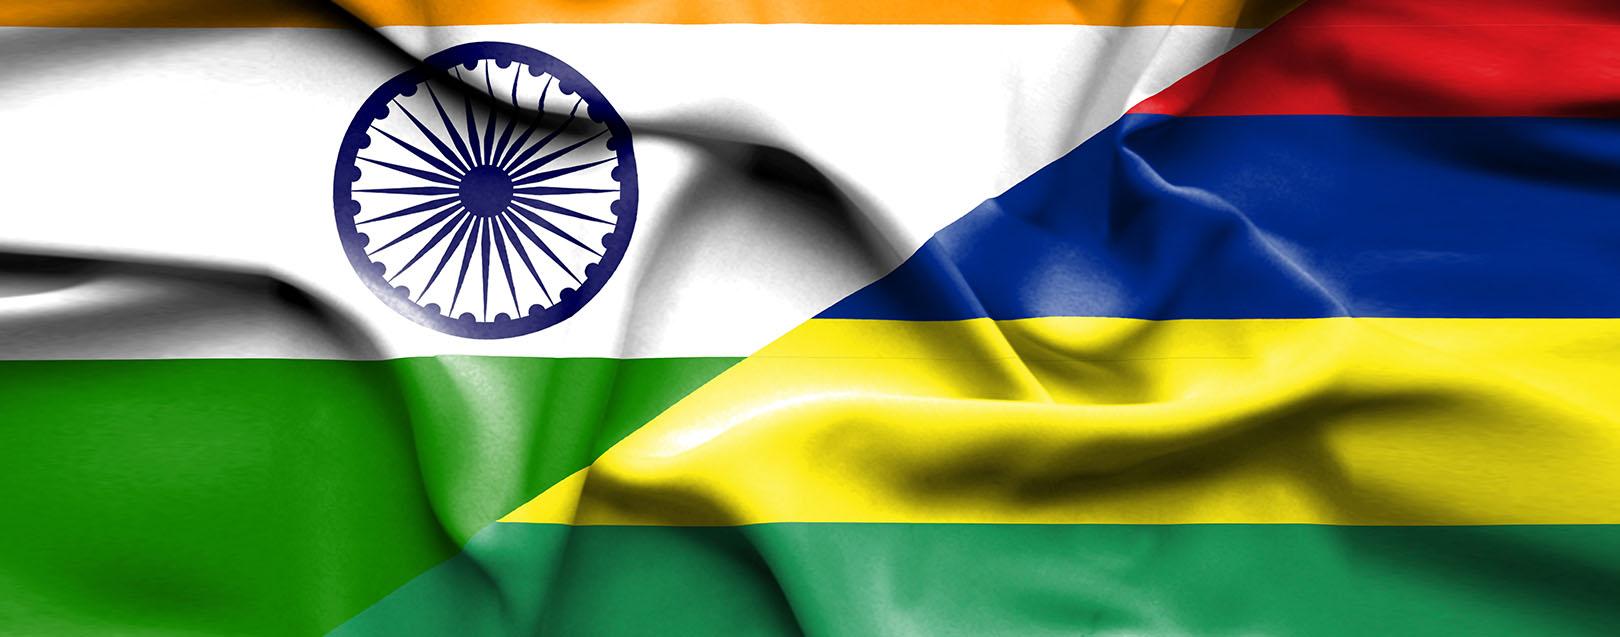 FDI In India Crosses $300 Billion Milestone